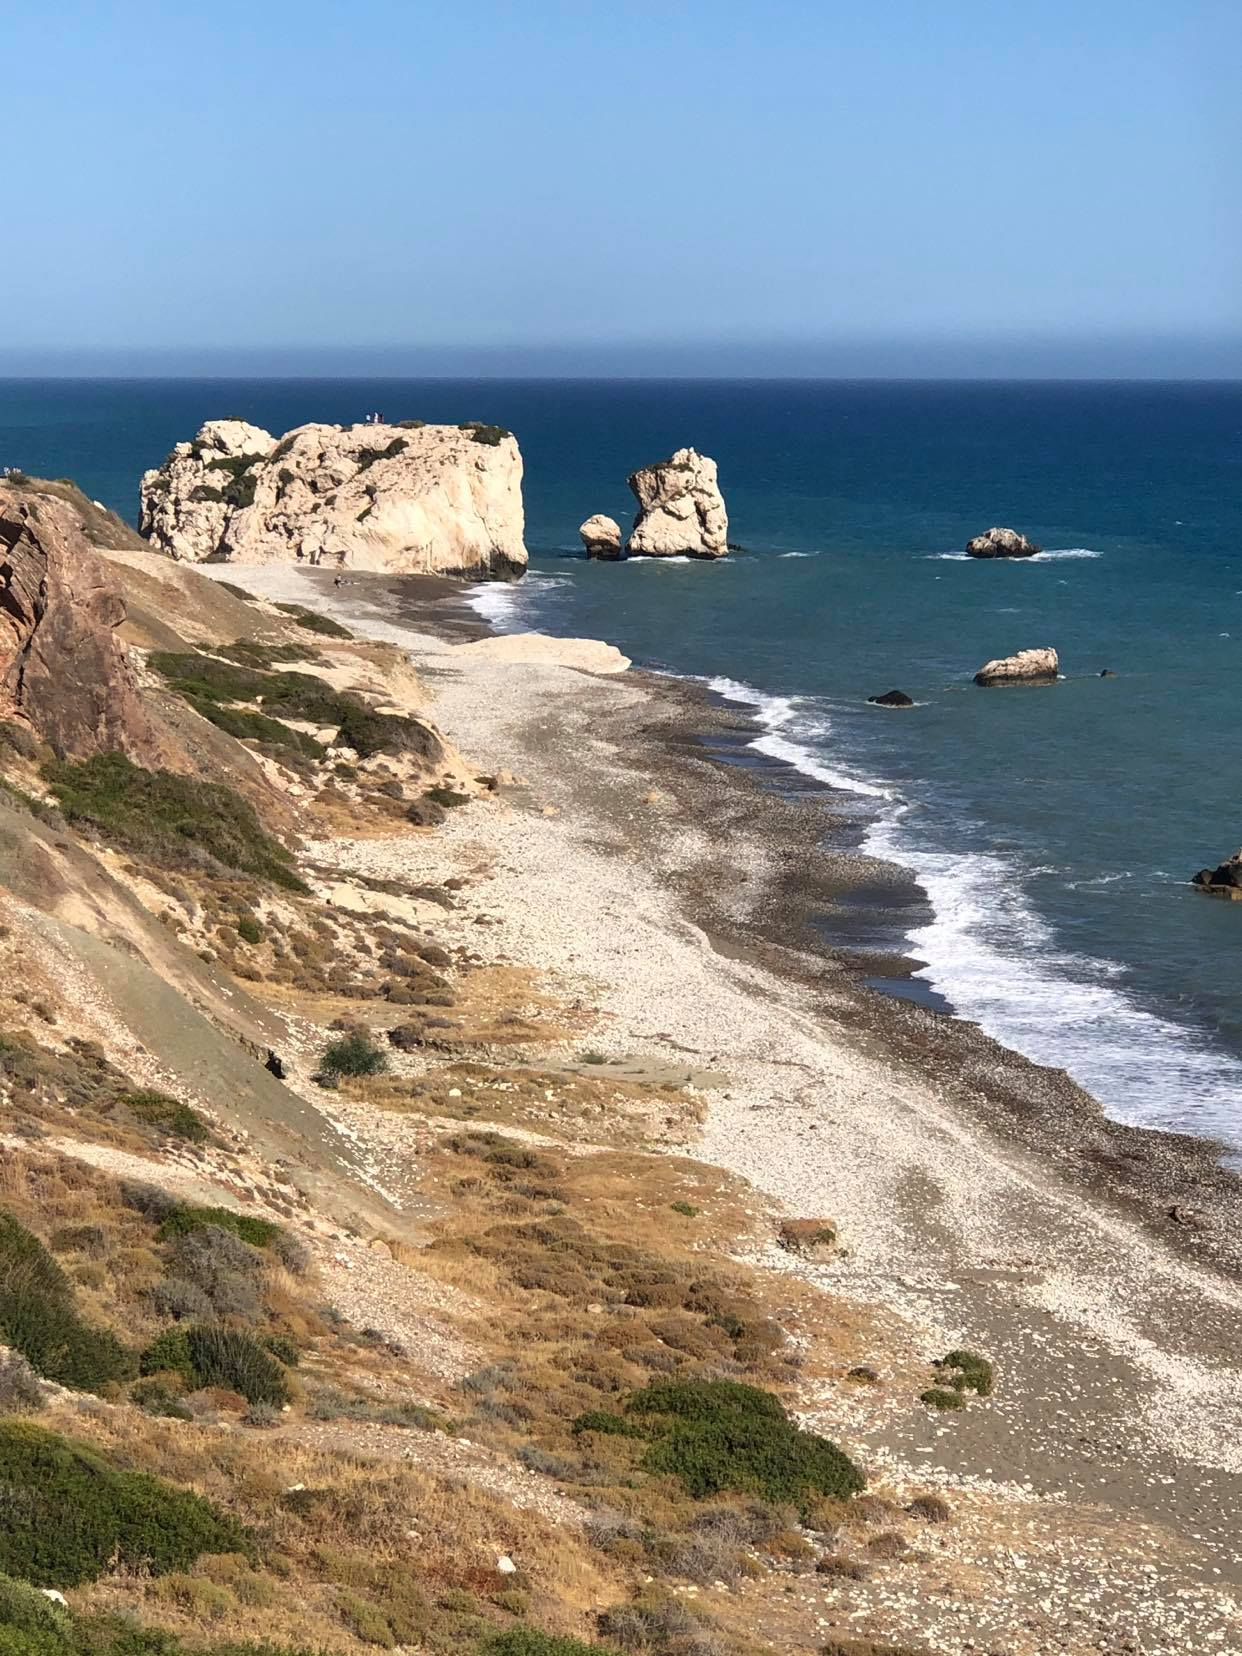 Ο Βράχος της Αφροδίτης (ή, αν προτιμάς, Η Πέτρα του Ρωμιού) βρίσκεται στην ακτή, δίπλα στον κεντρικό δρόμο Πάφου - Λεμεσού.